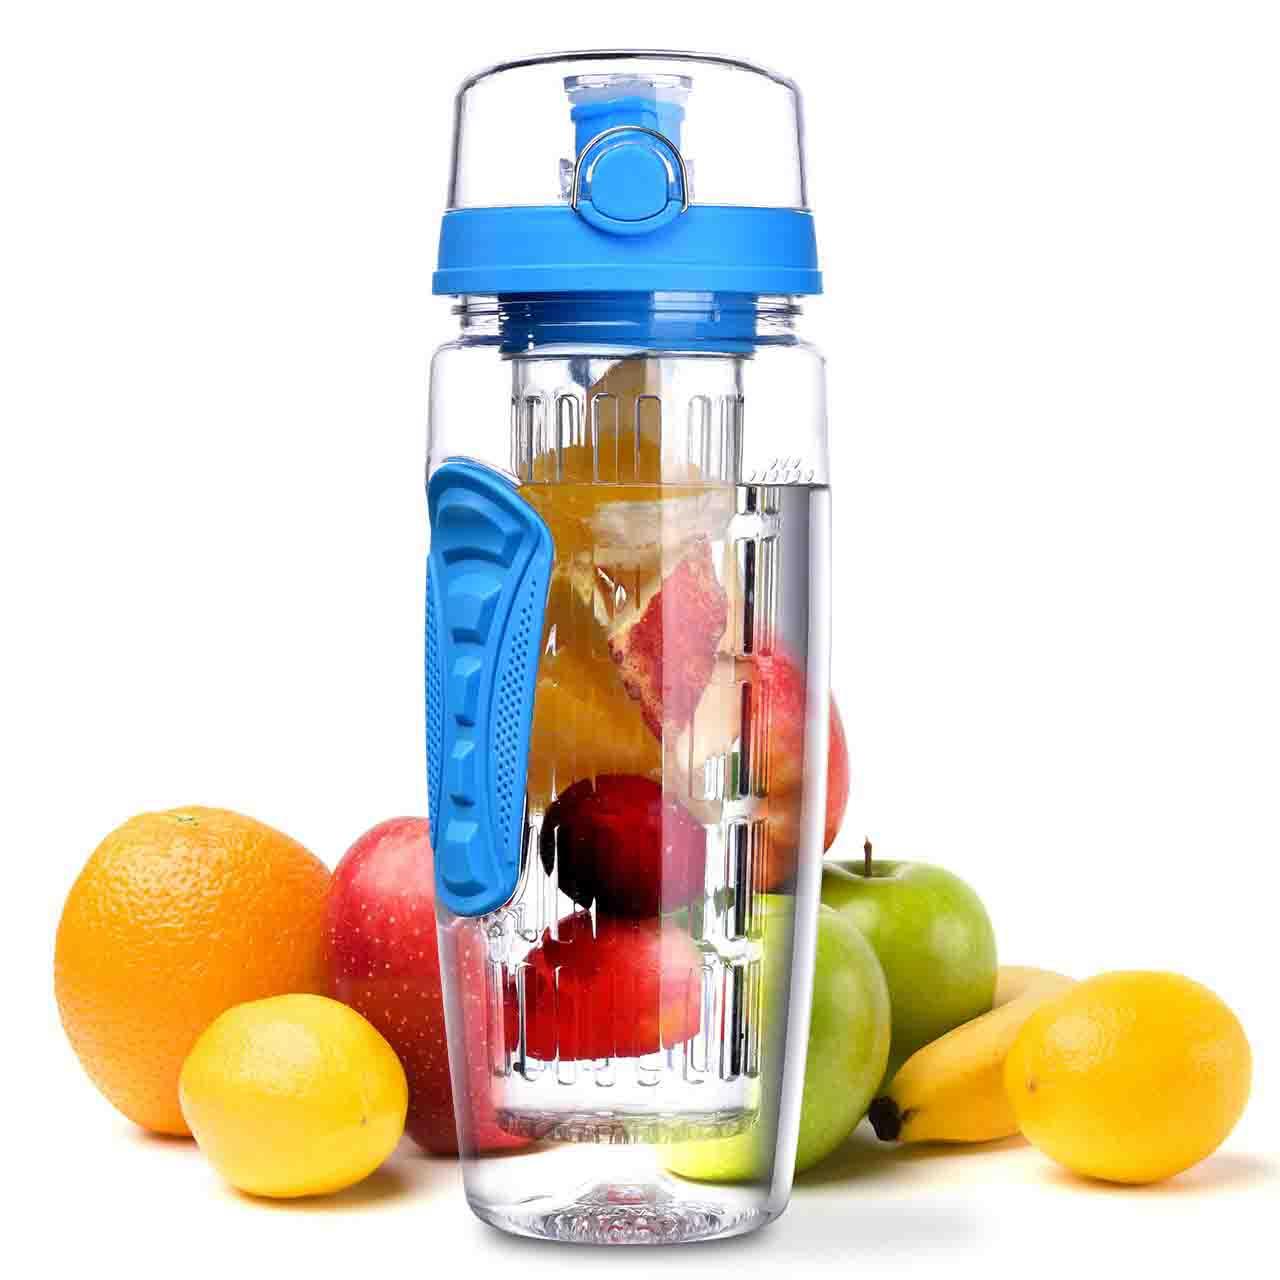 OMORC Botella Agua Deportiva, 1L Botella de Agua con Filtro Infusor de Fruta, sin BPA Reutilizable